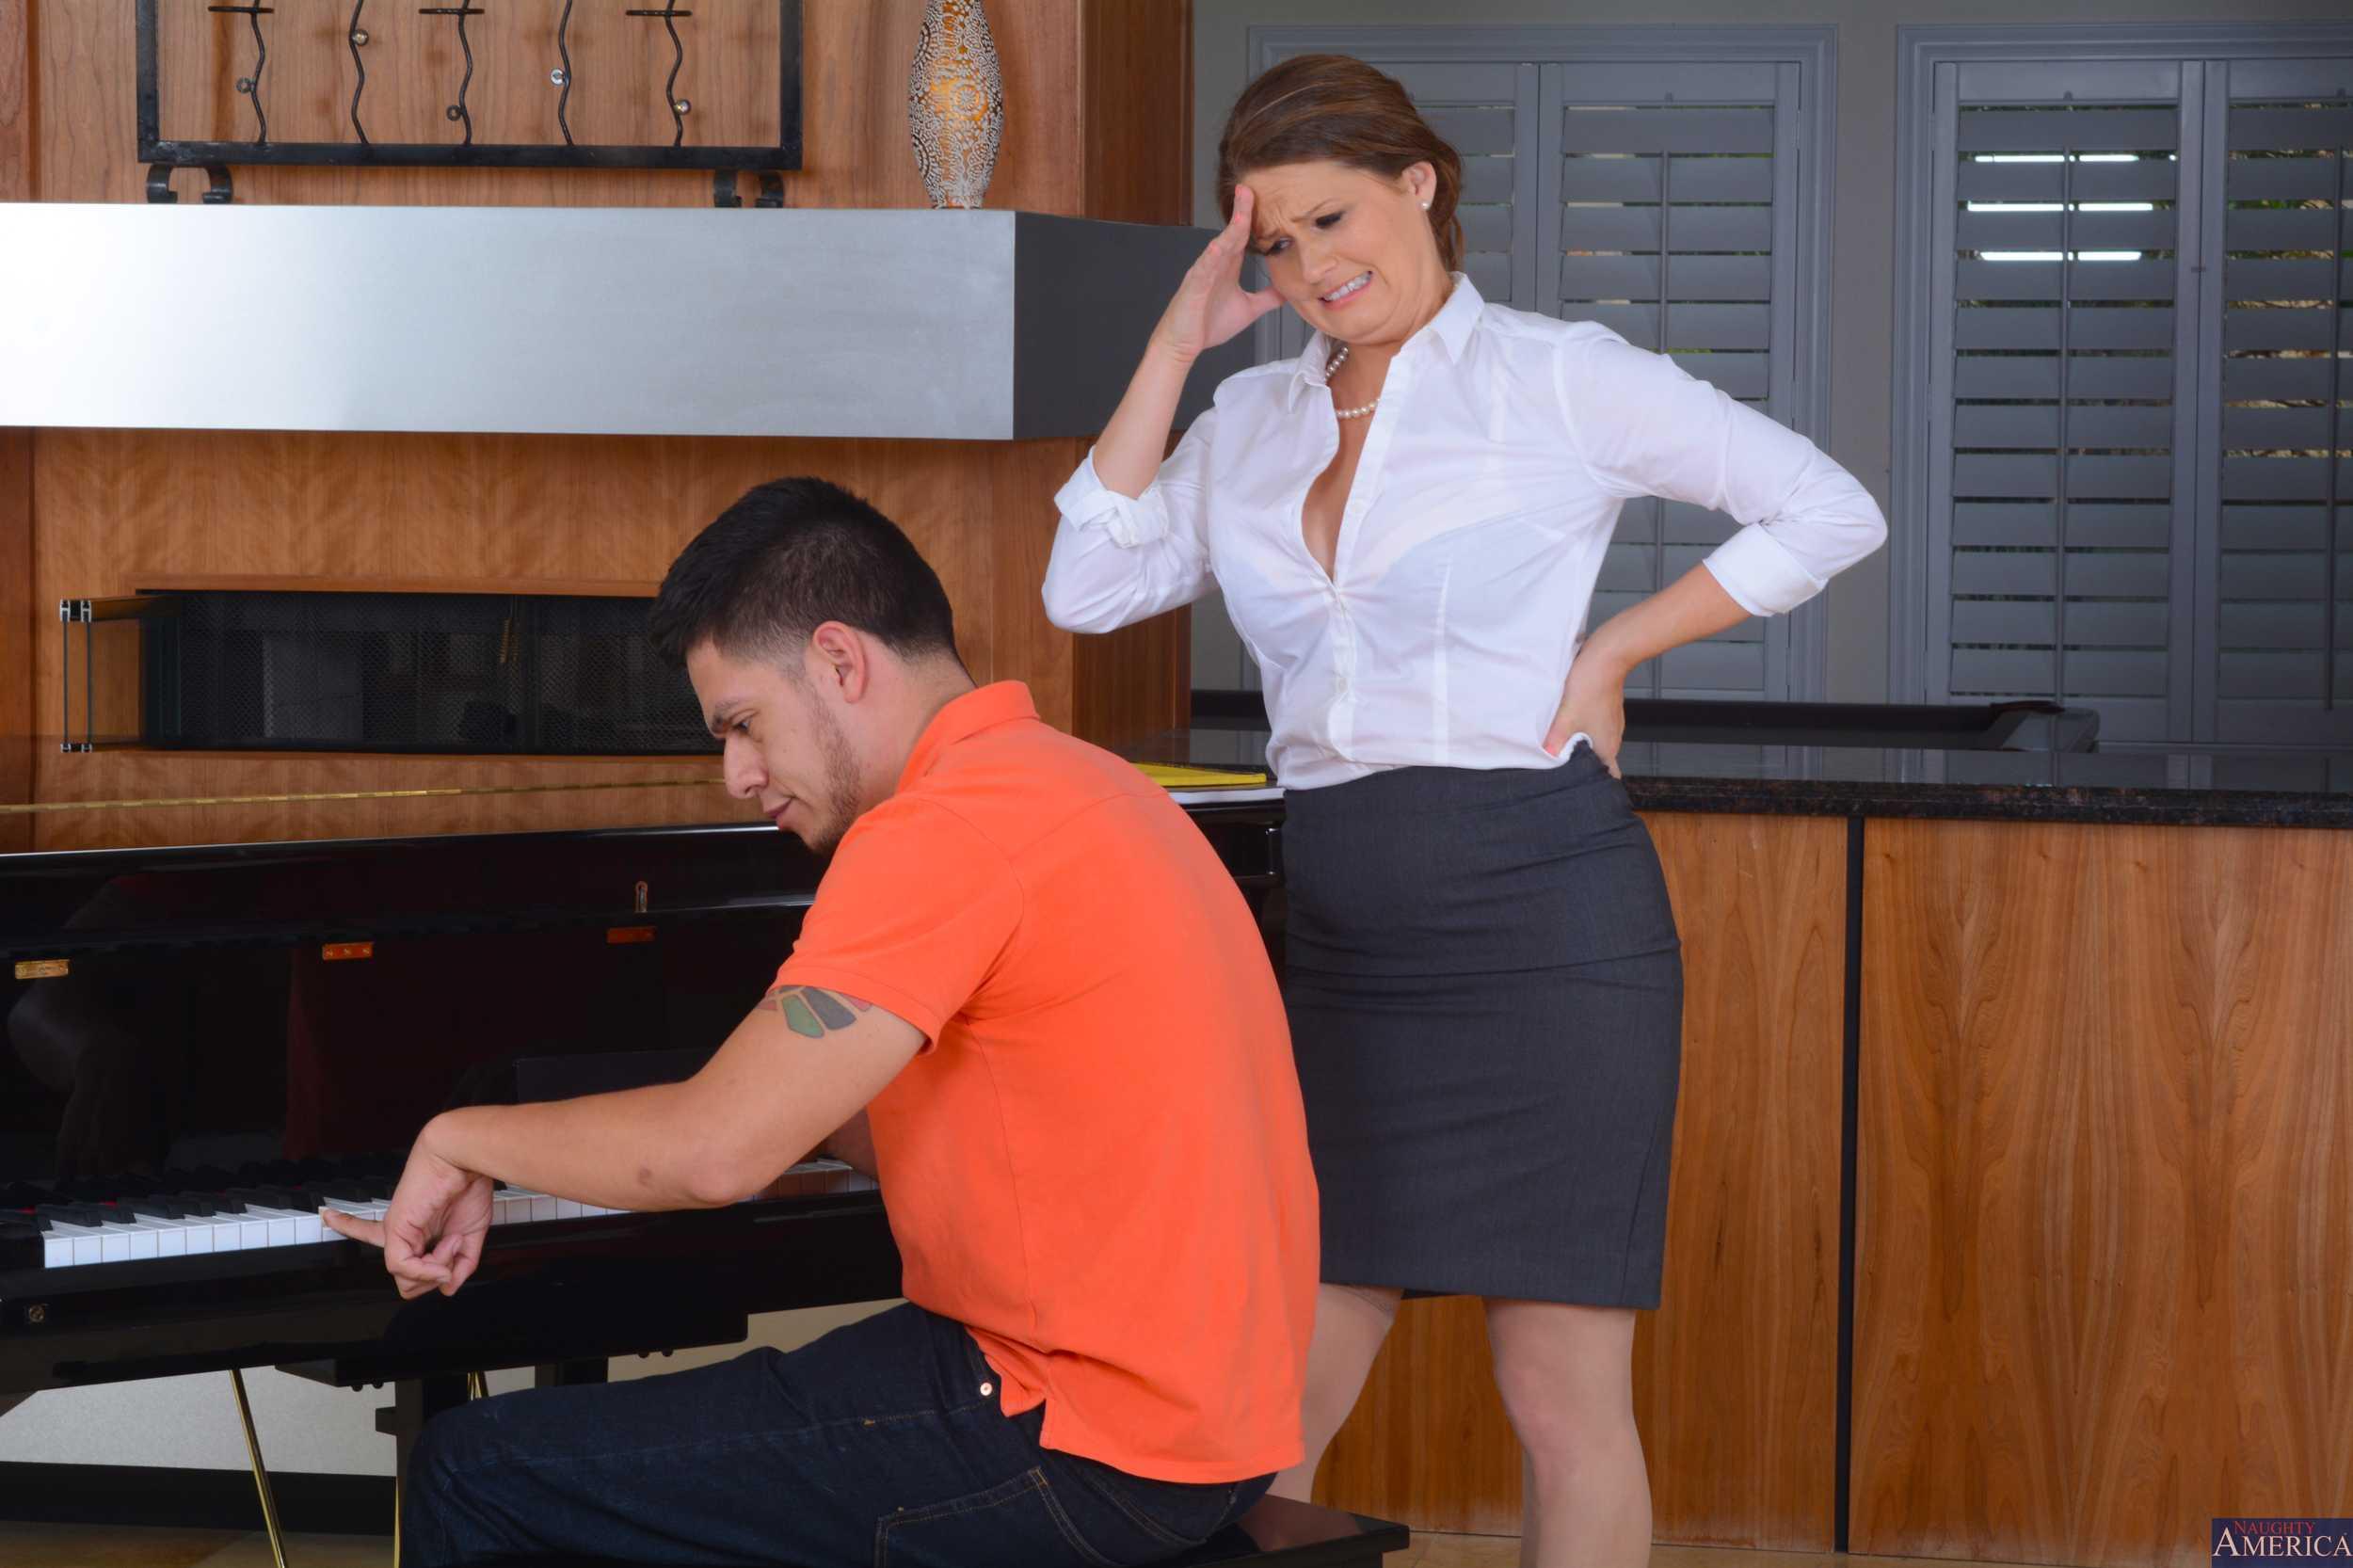 Piyanocu Ve Piyanist Nedir Ne Demek Piyano Pianist Music Müzikler Genç Piyanist Akustik Piyanoları Piano Bilgi Güzel Elit Hoş Piyanosu Foto Modeli Poz Enstümanları Çalgısı Alet Resim Tuş Tuşlar